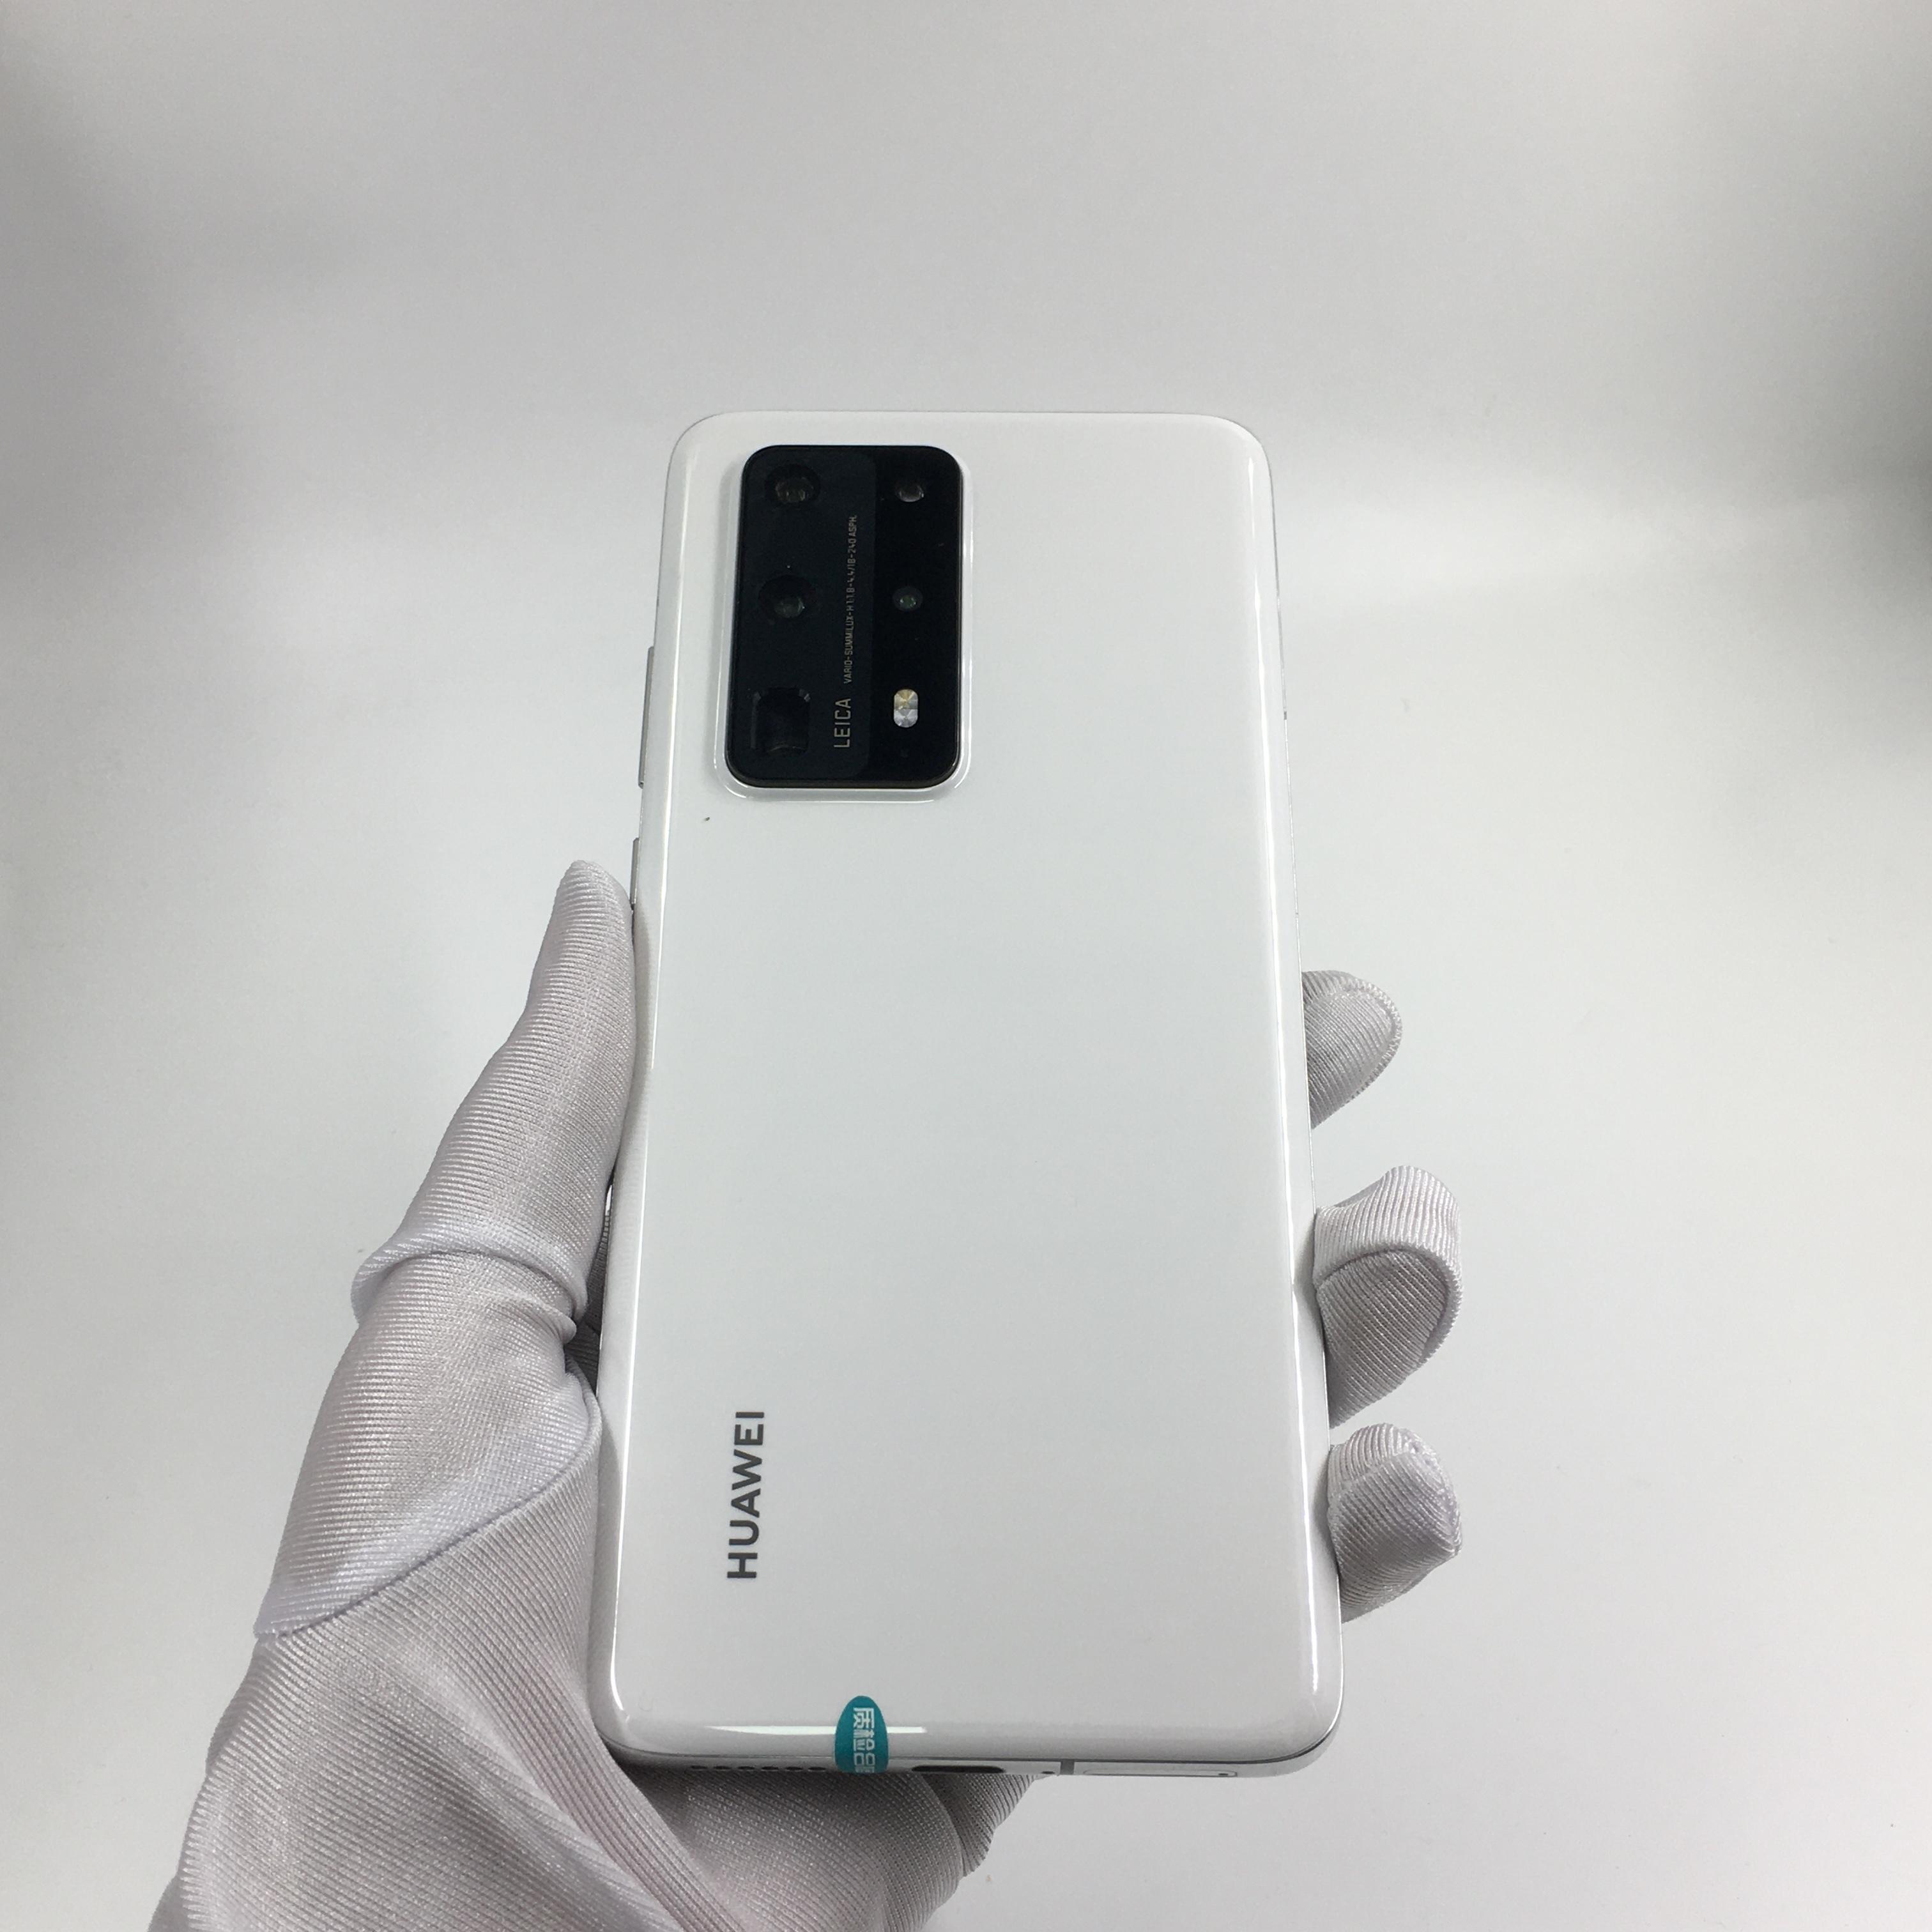 华为【P40 Pro+ 5G】5G全网通 陶瓷白 8G/512G 国行 95新 8G/512G真机实拍